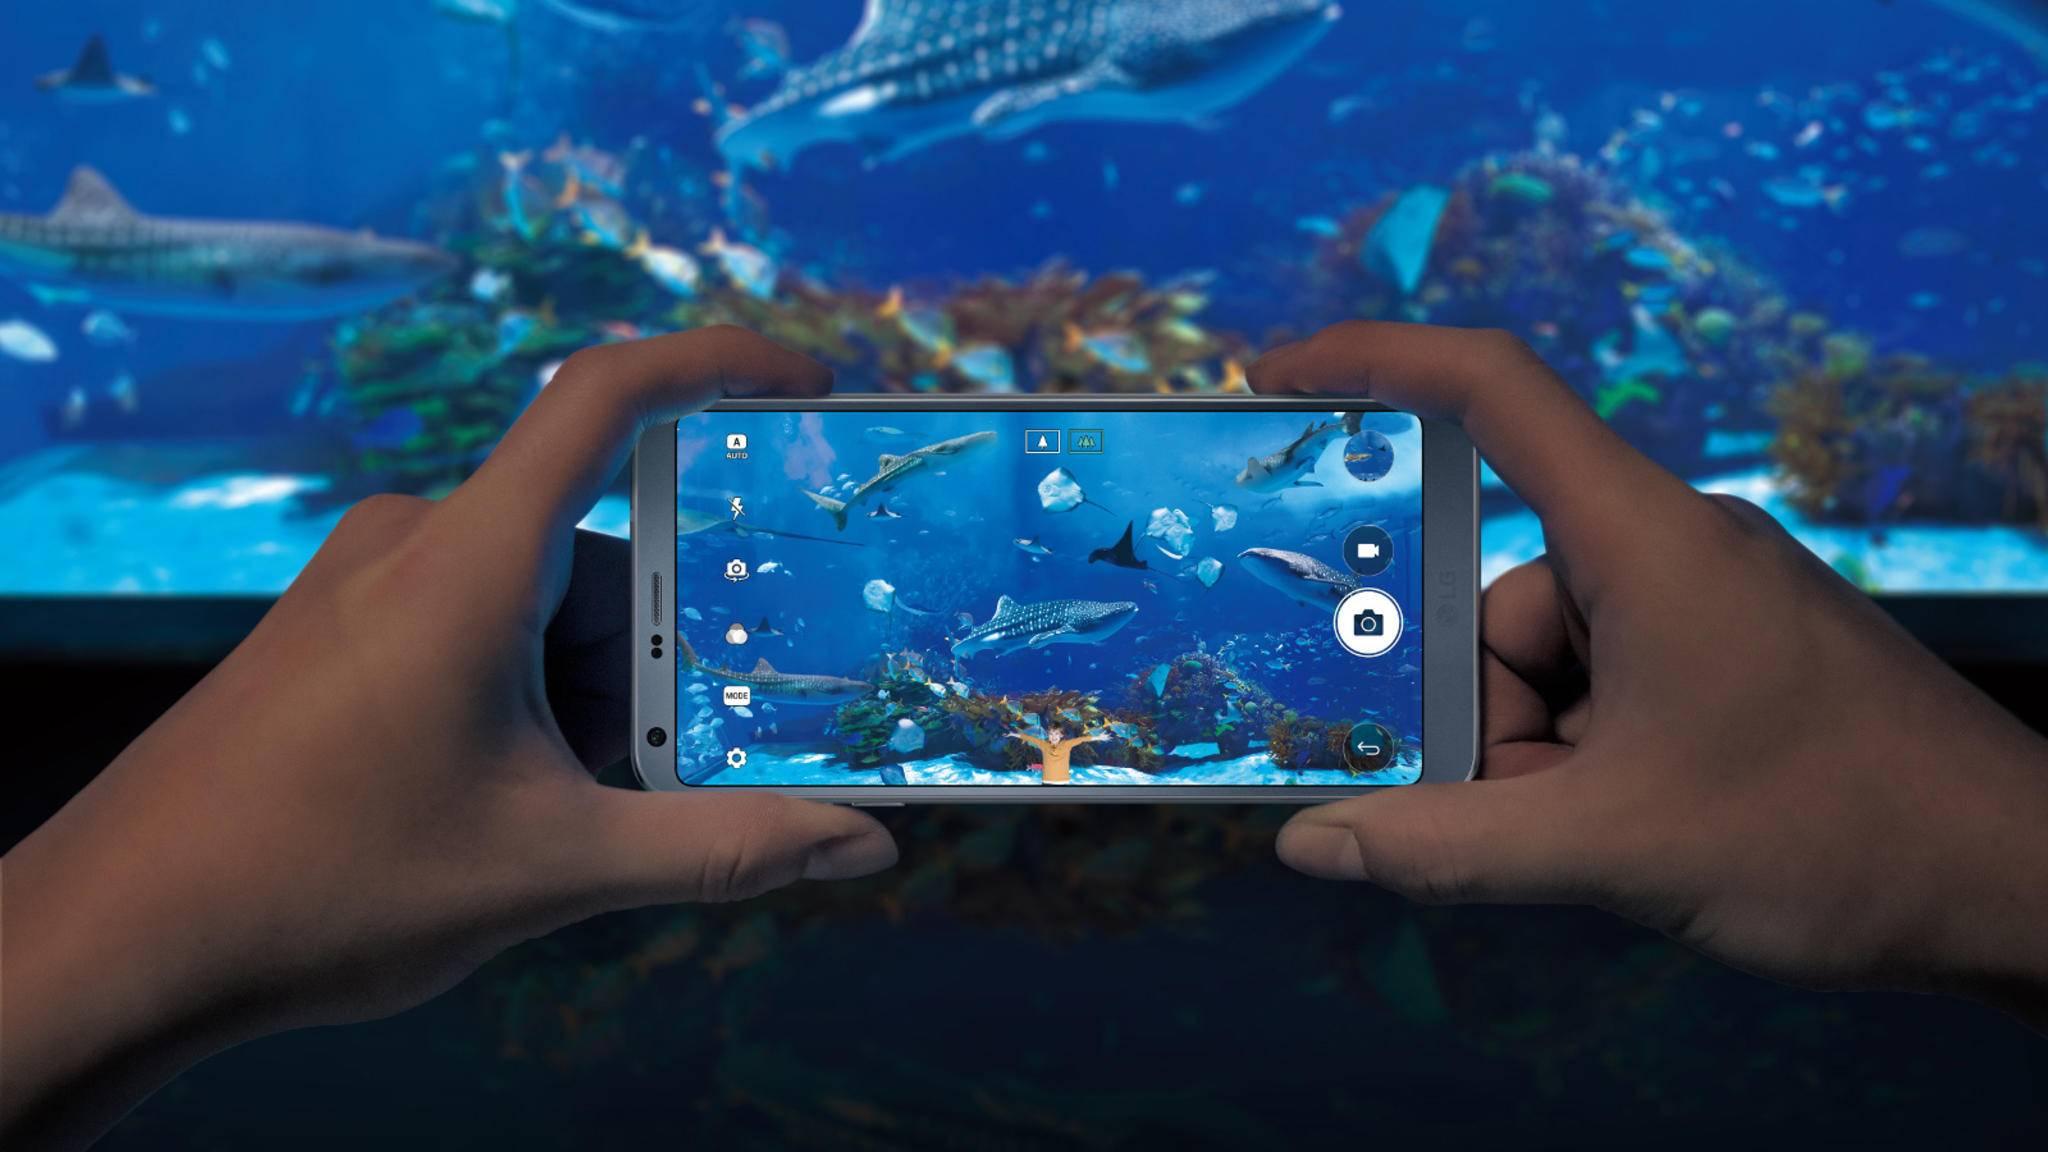 Das Display des LG G6 ist mit 18:9 etwas breiter als gewöhnliche Smartphones.